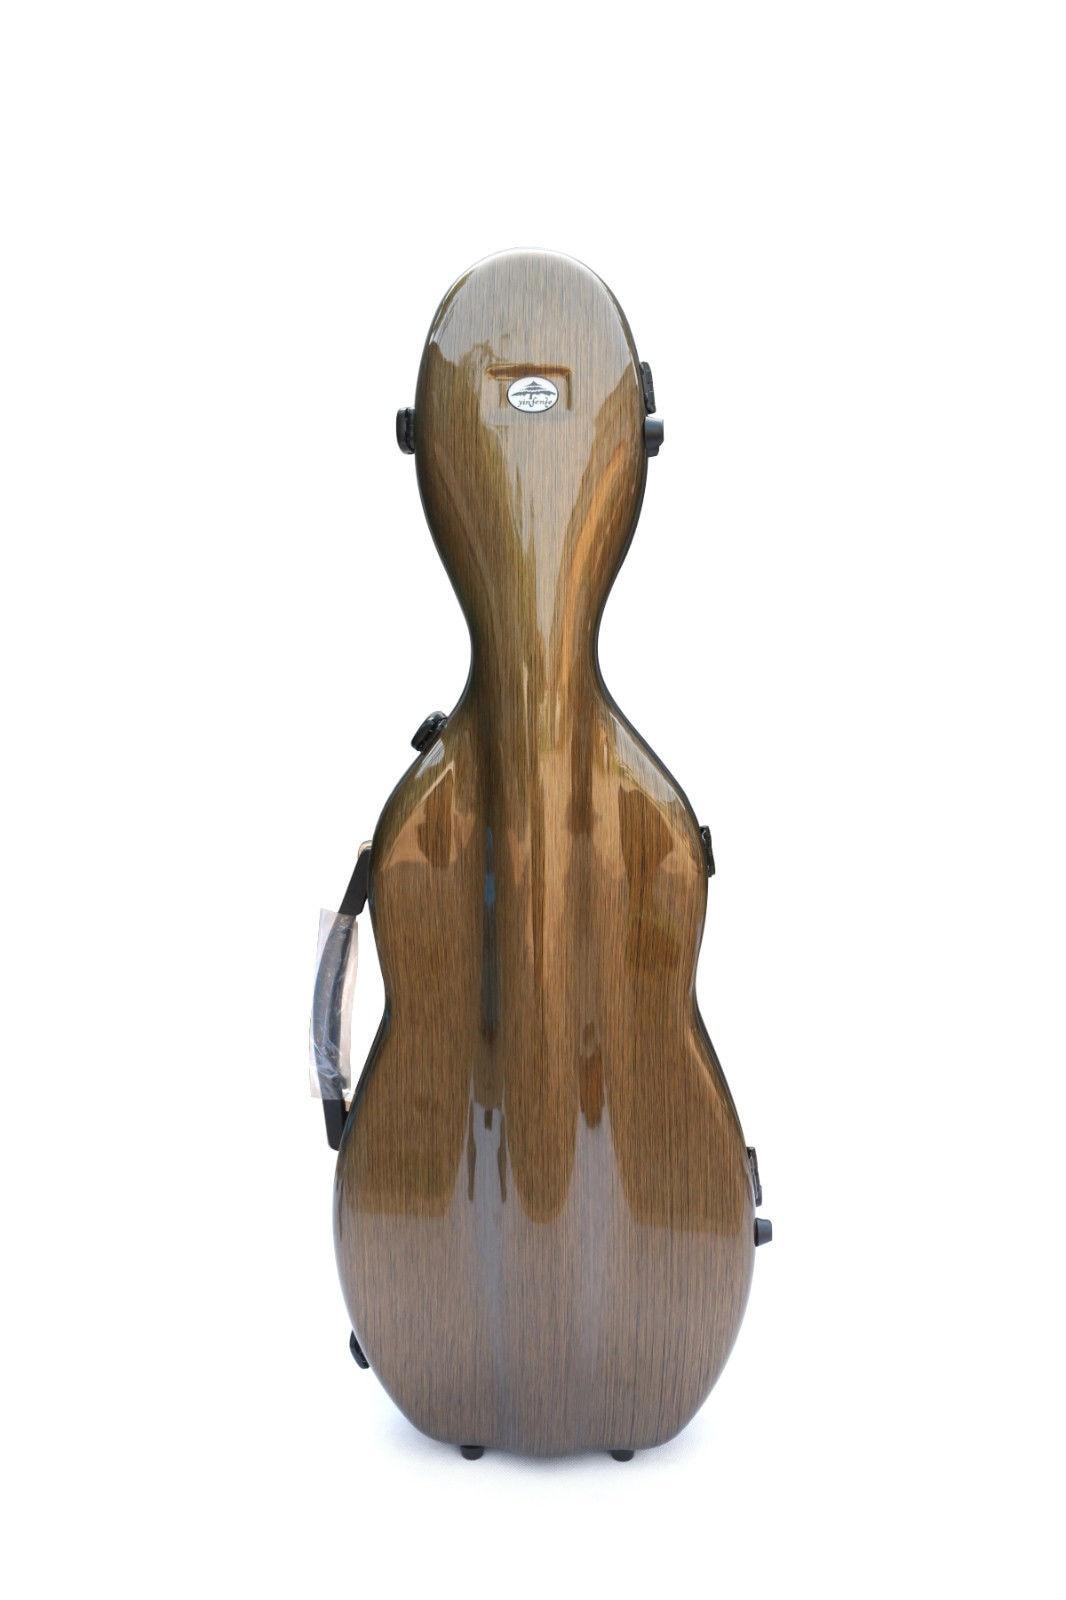 Carbon Fiber Violin Case 4/4 Brown Violin Case Mix Glass Fiber Strong Light 1.9kg Handle Hygrometer